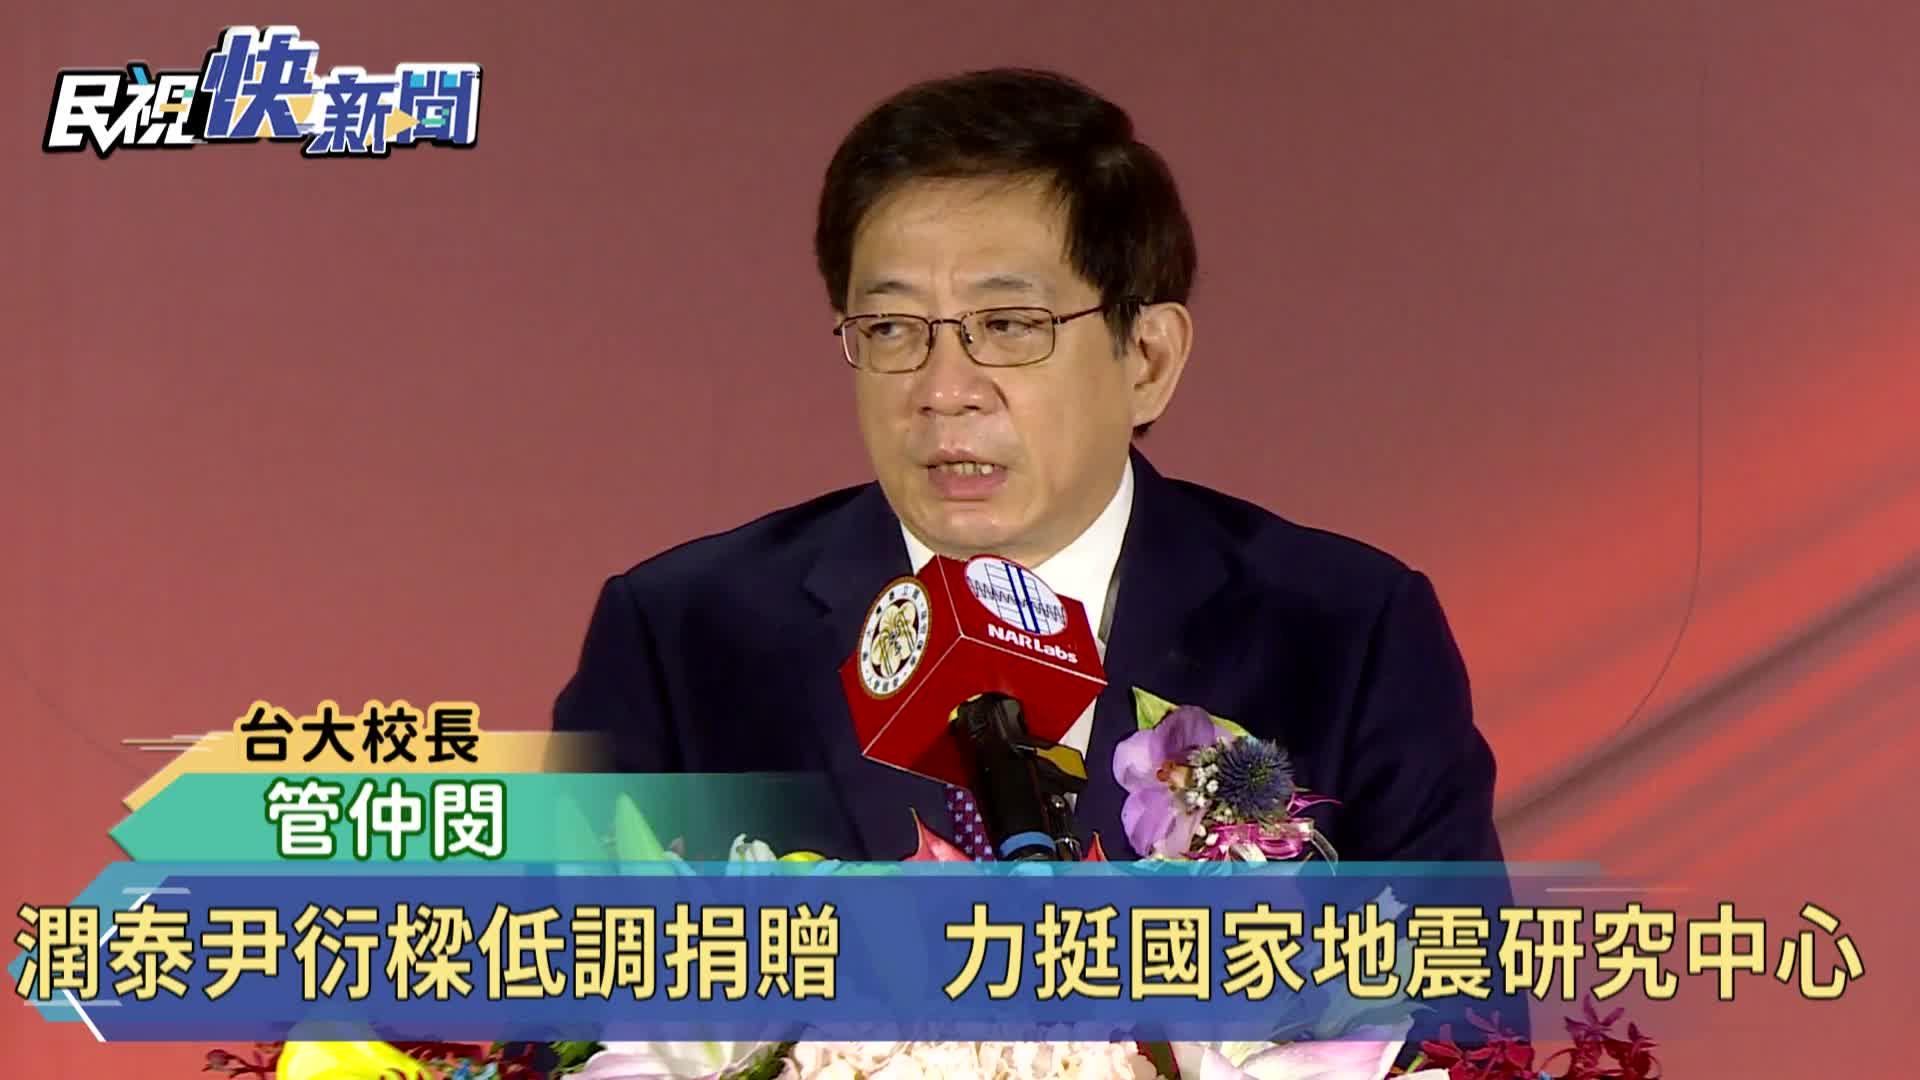 潤泰尹衍樑低調捐贈 力挺國家地震研究中心